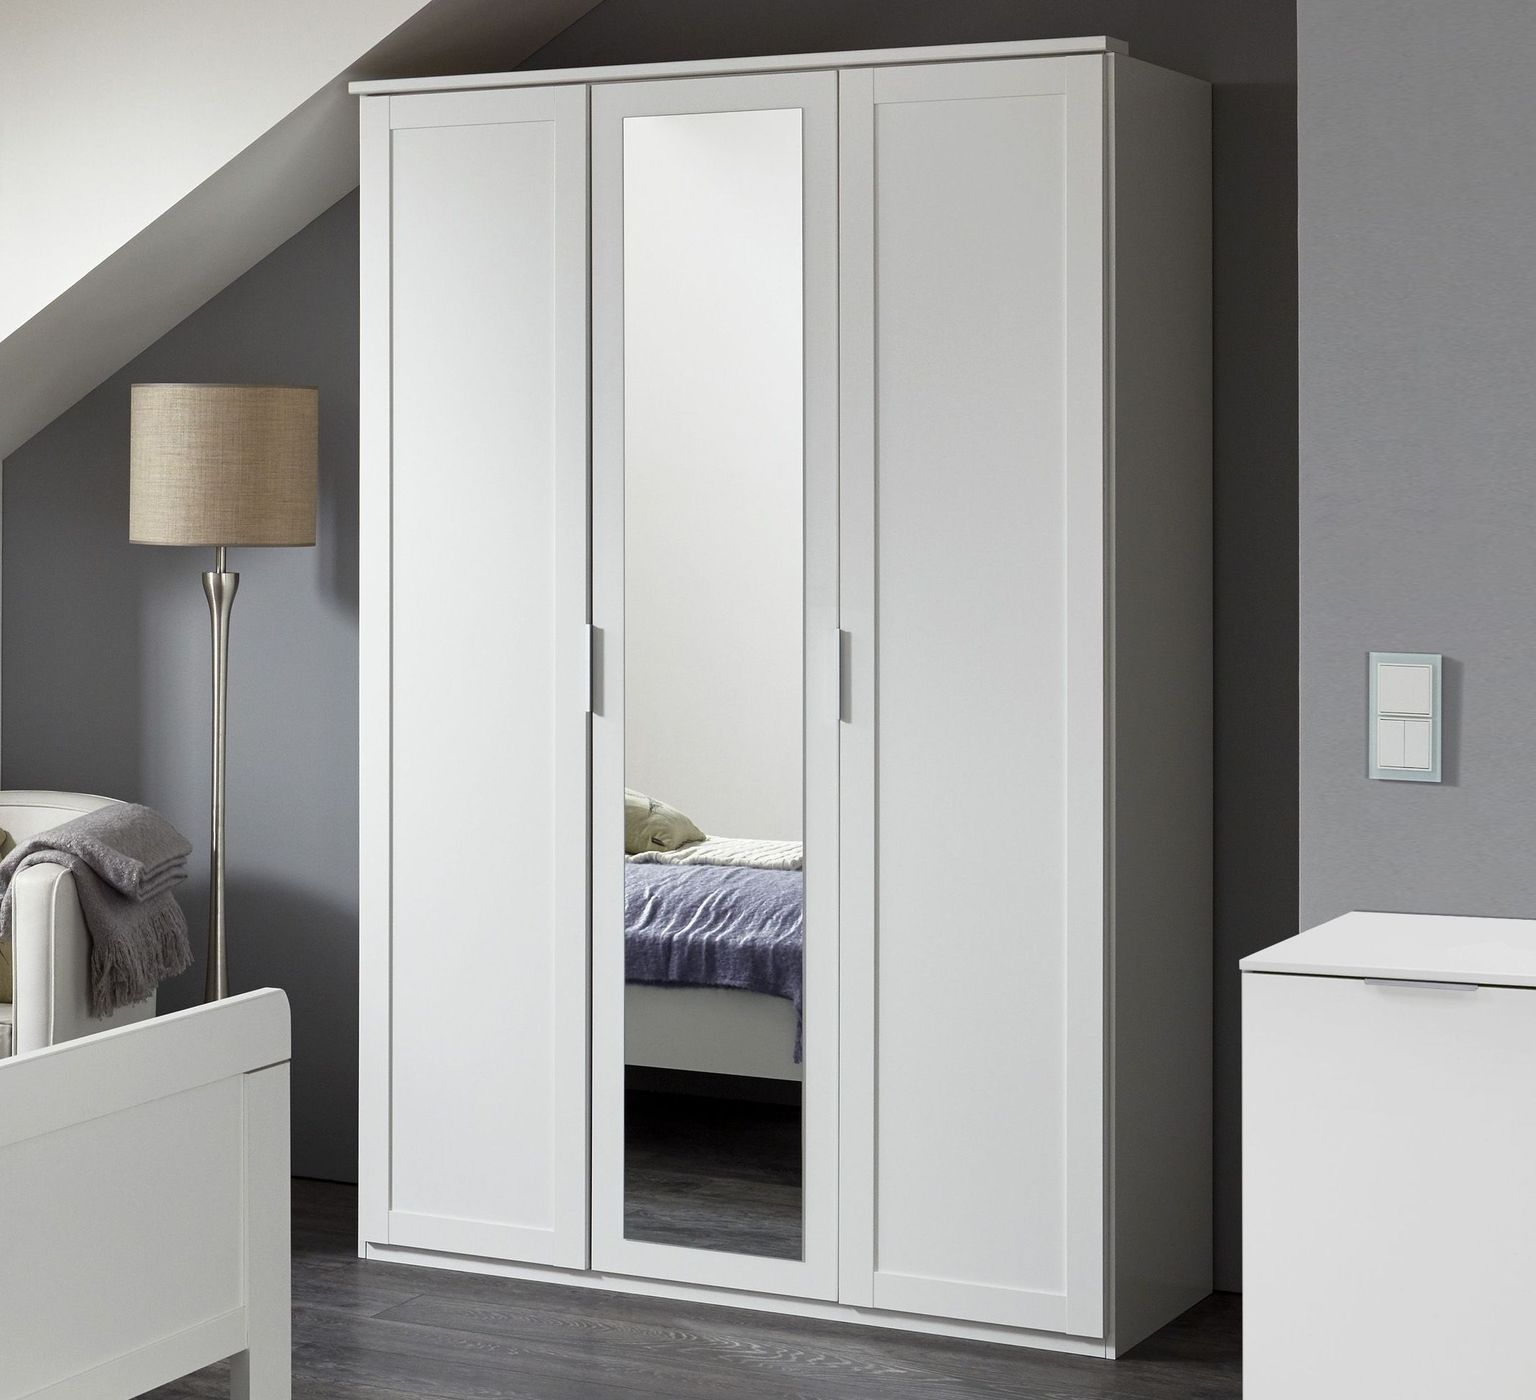 kleiderschrank spiegel modern, kleiderschrank in weiß z. b. als 3-türer mit spiegel - aradeo, Design ideen